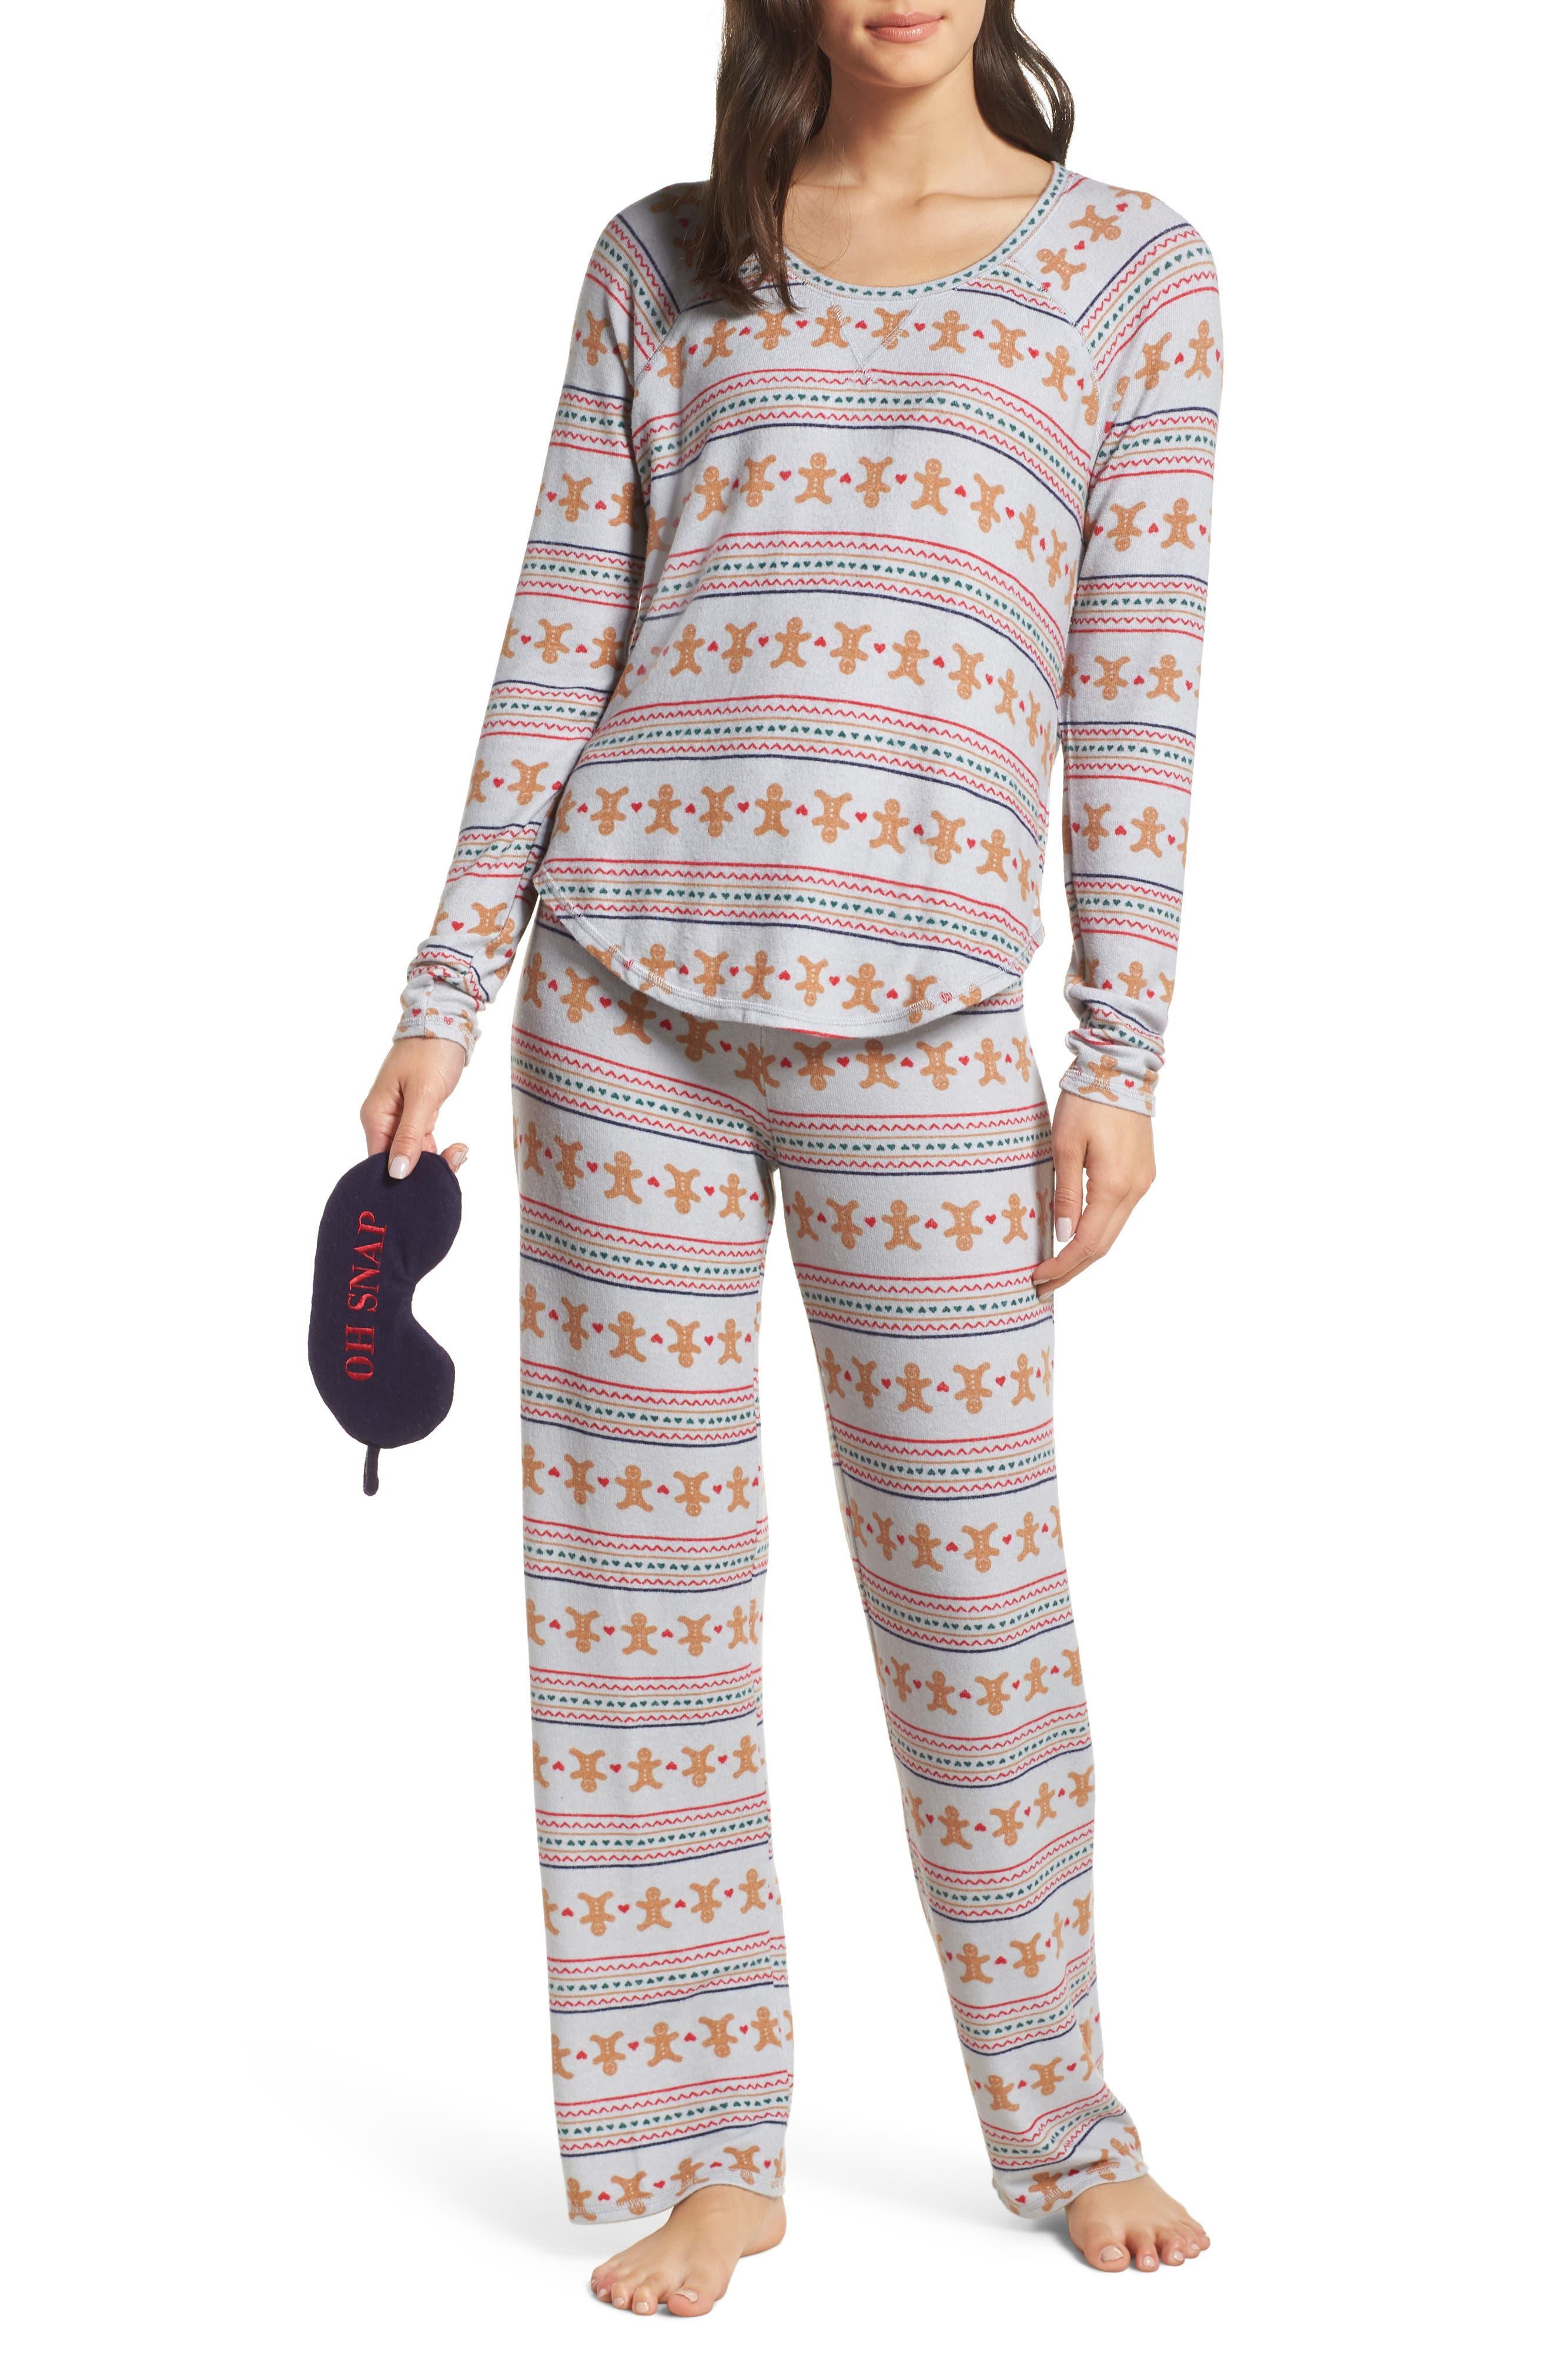 Knit Girlfriend Pajamas & Eye Mask,                             Main thumbnail 1, color,                             GREY MICRO GINGERBREAD